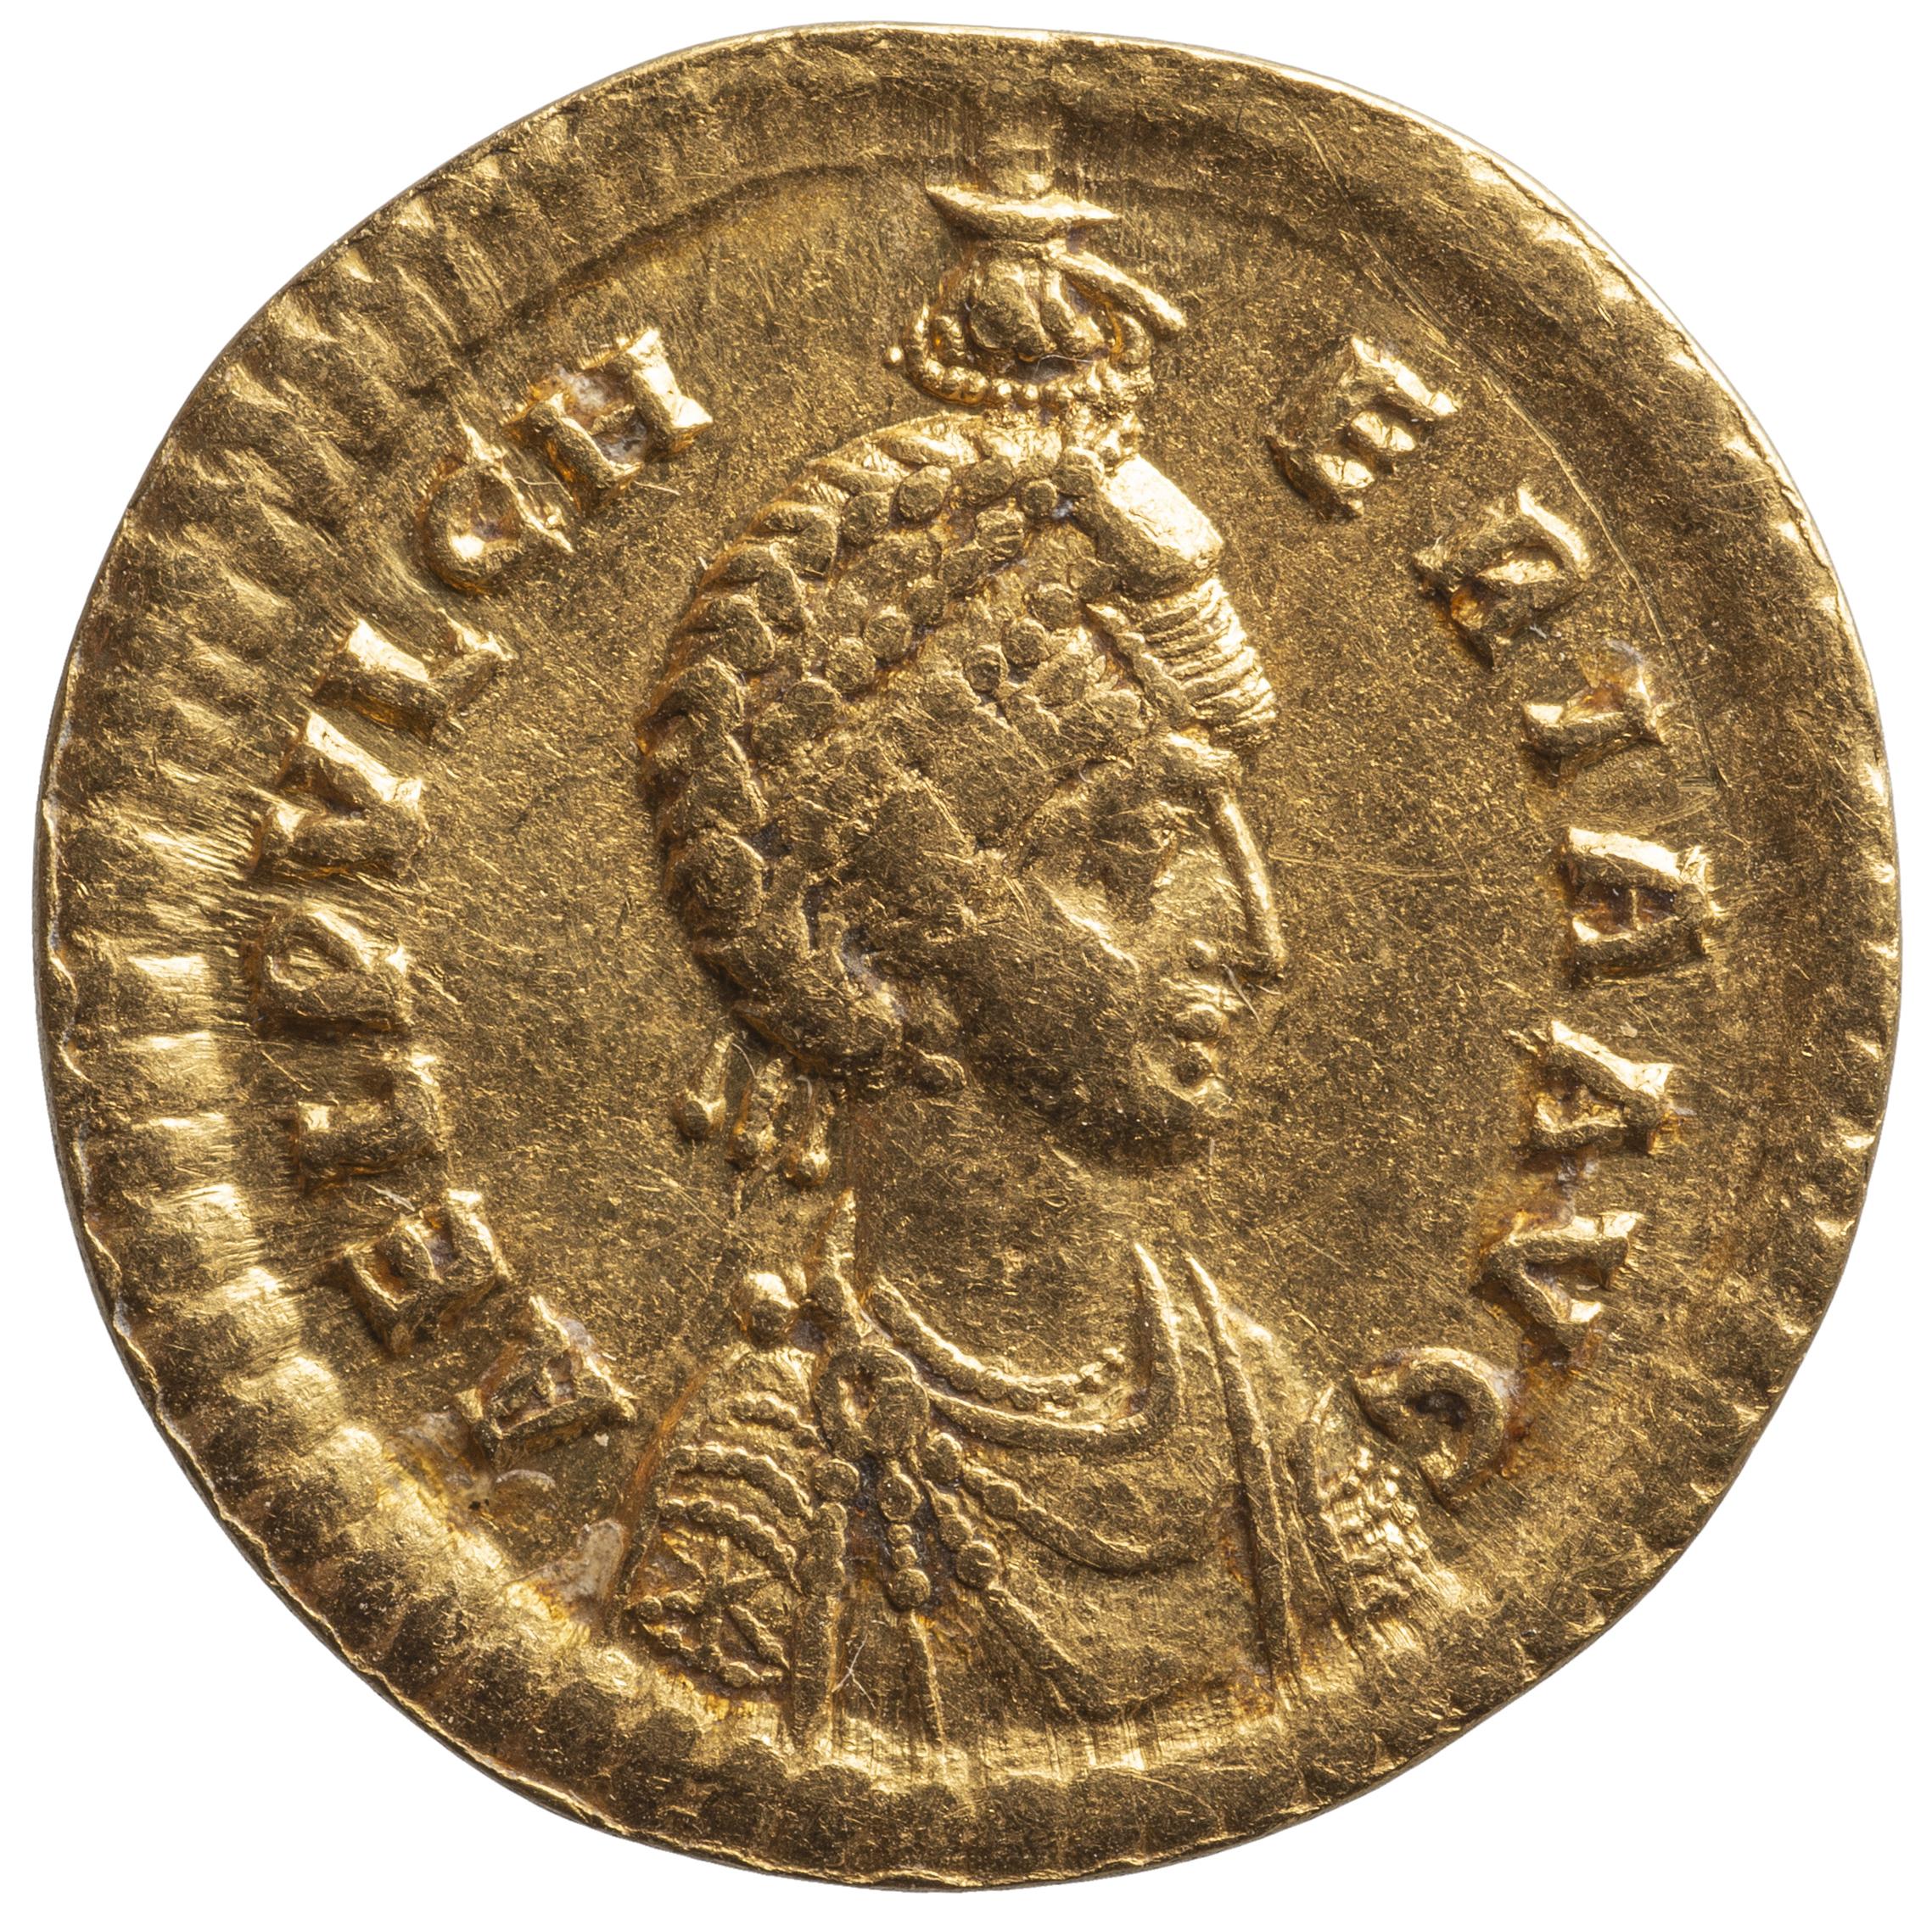 Aelia Pulcheria von Theodosius II. für Aelia Pulcheria